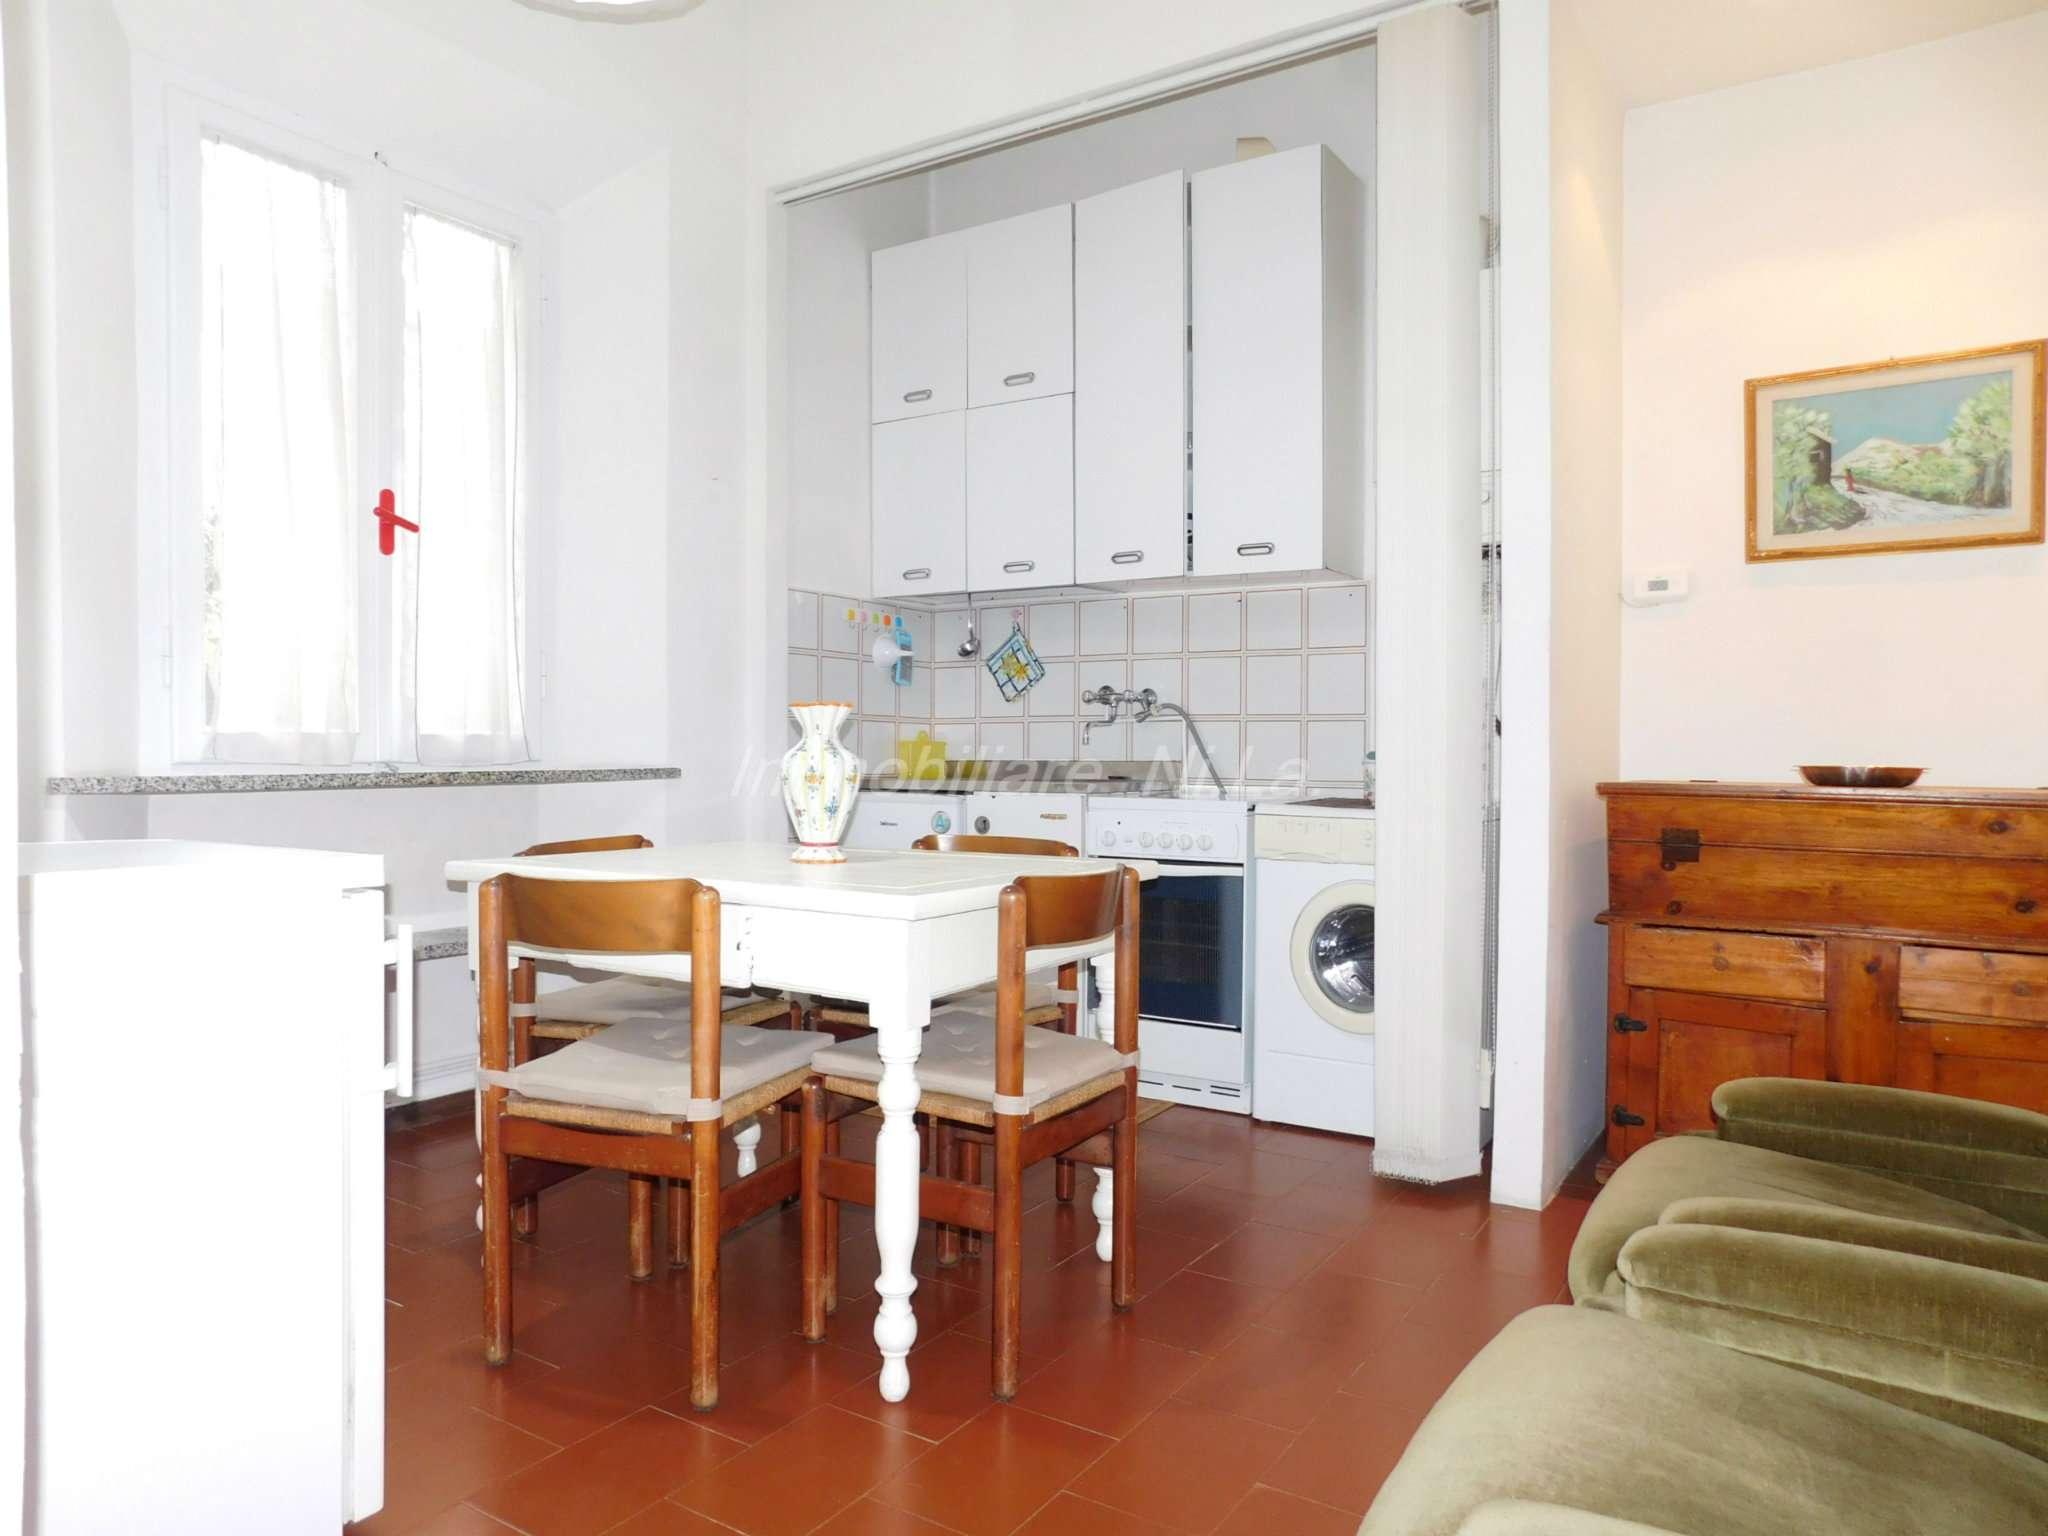 Bilocale con cucina abitabile affitto a pisa - Cucina abitabile ...